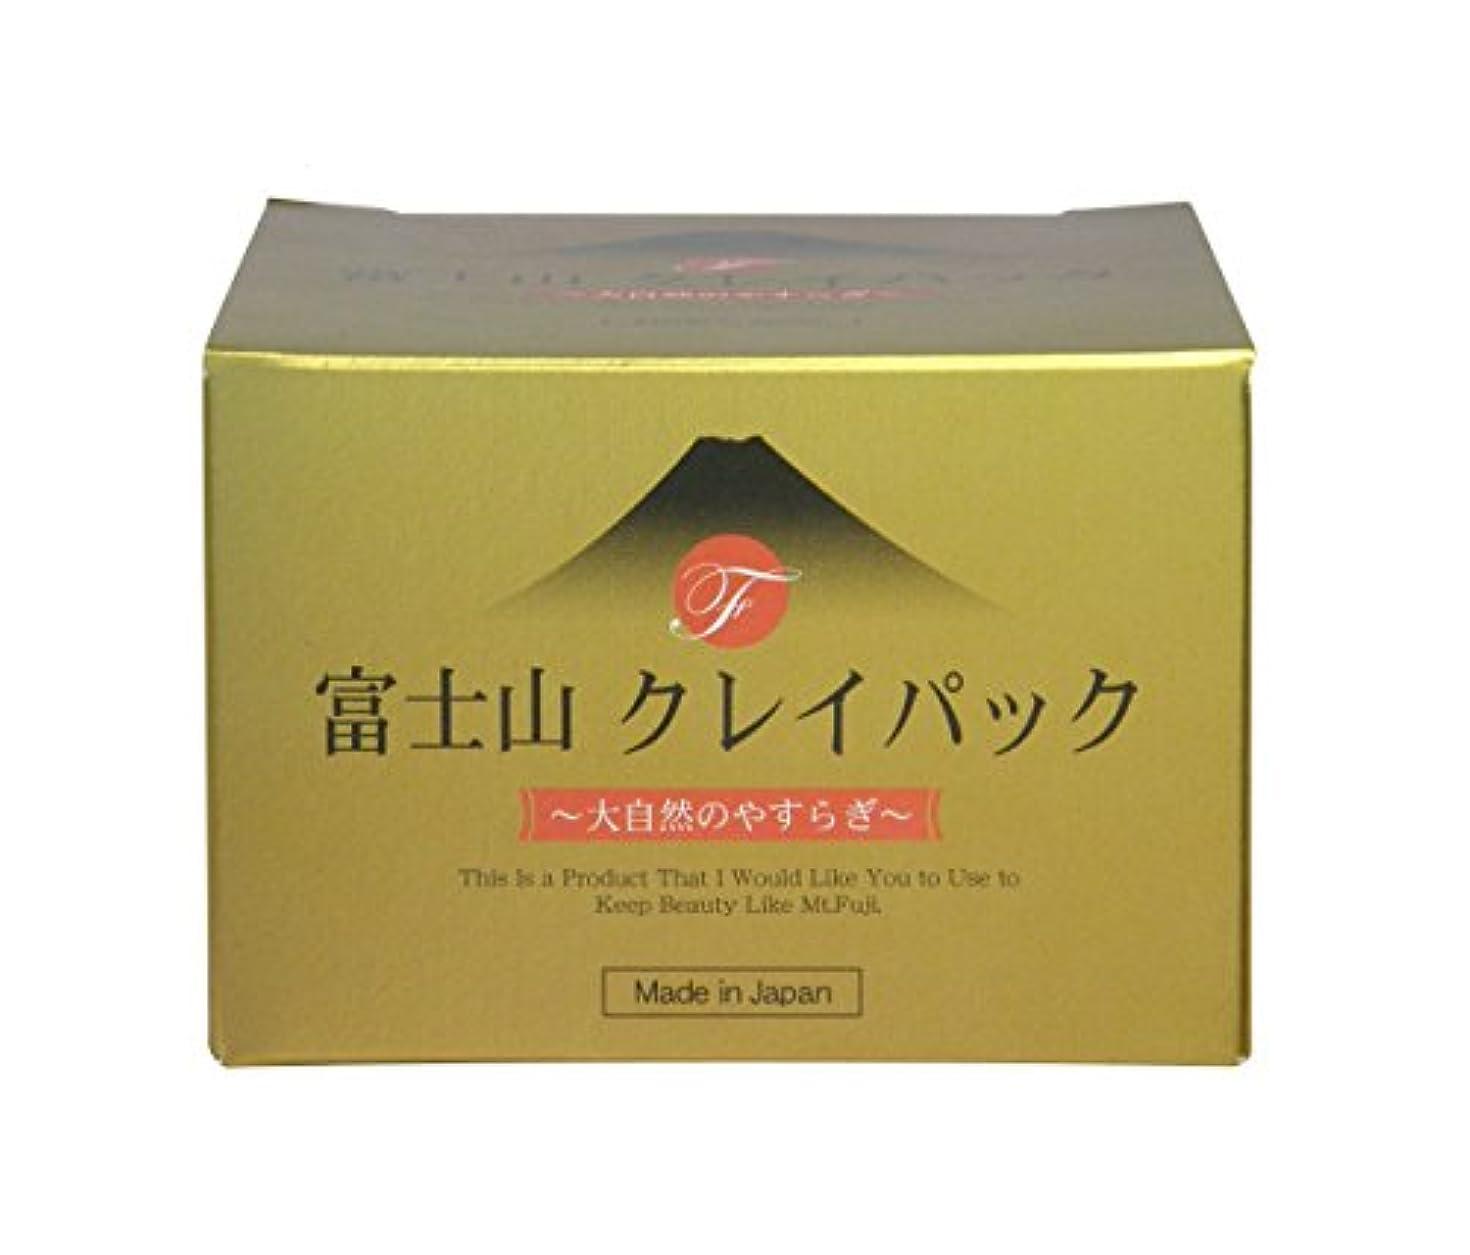 車試してみるアーク富士山 クレイパック 130g